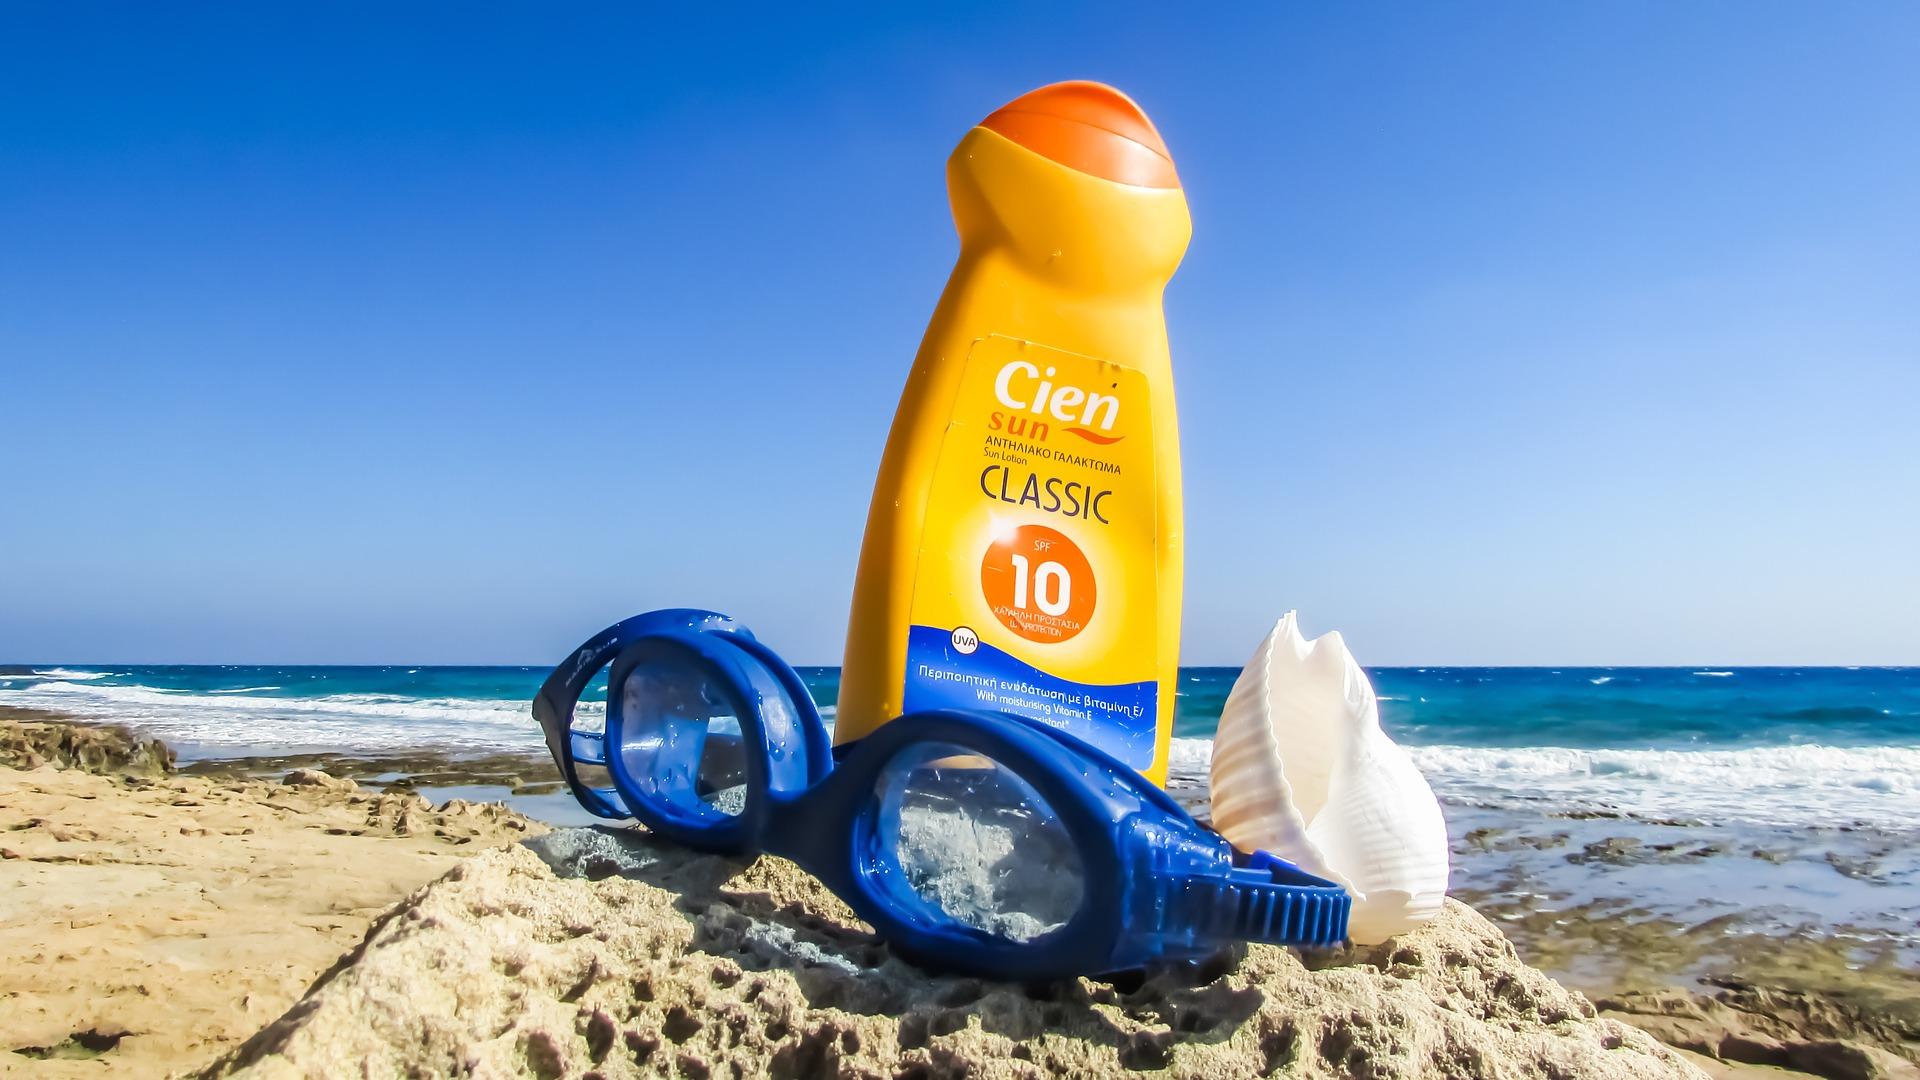 Sun Cream on the Beach